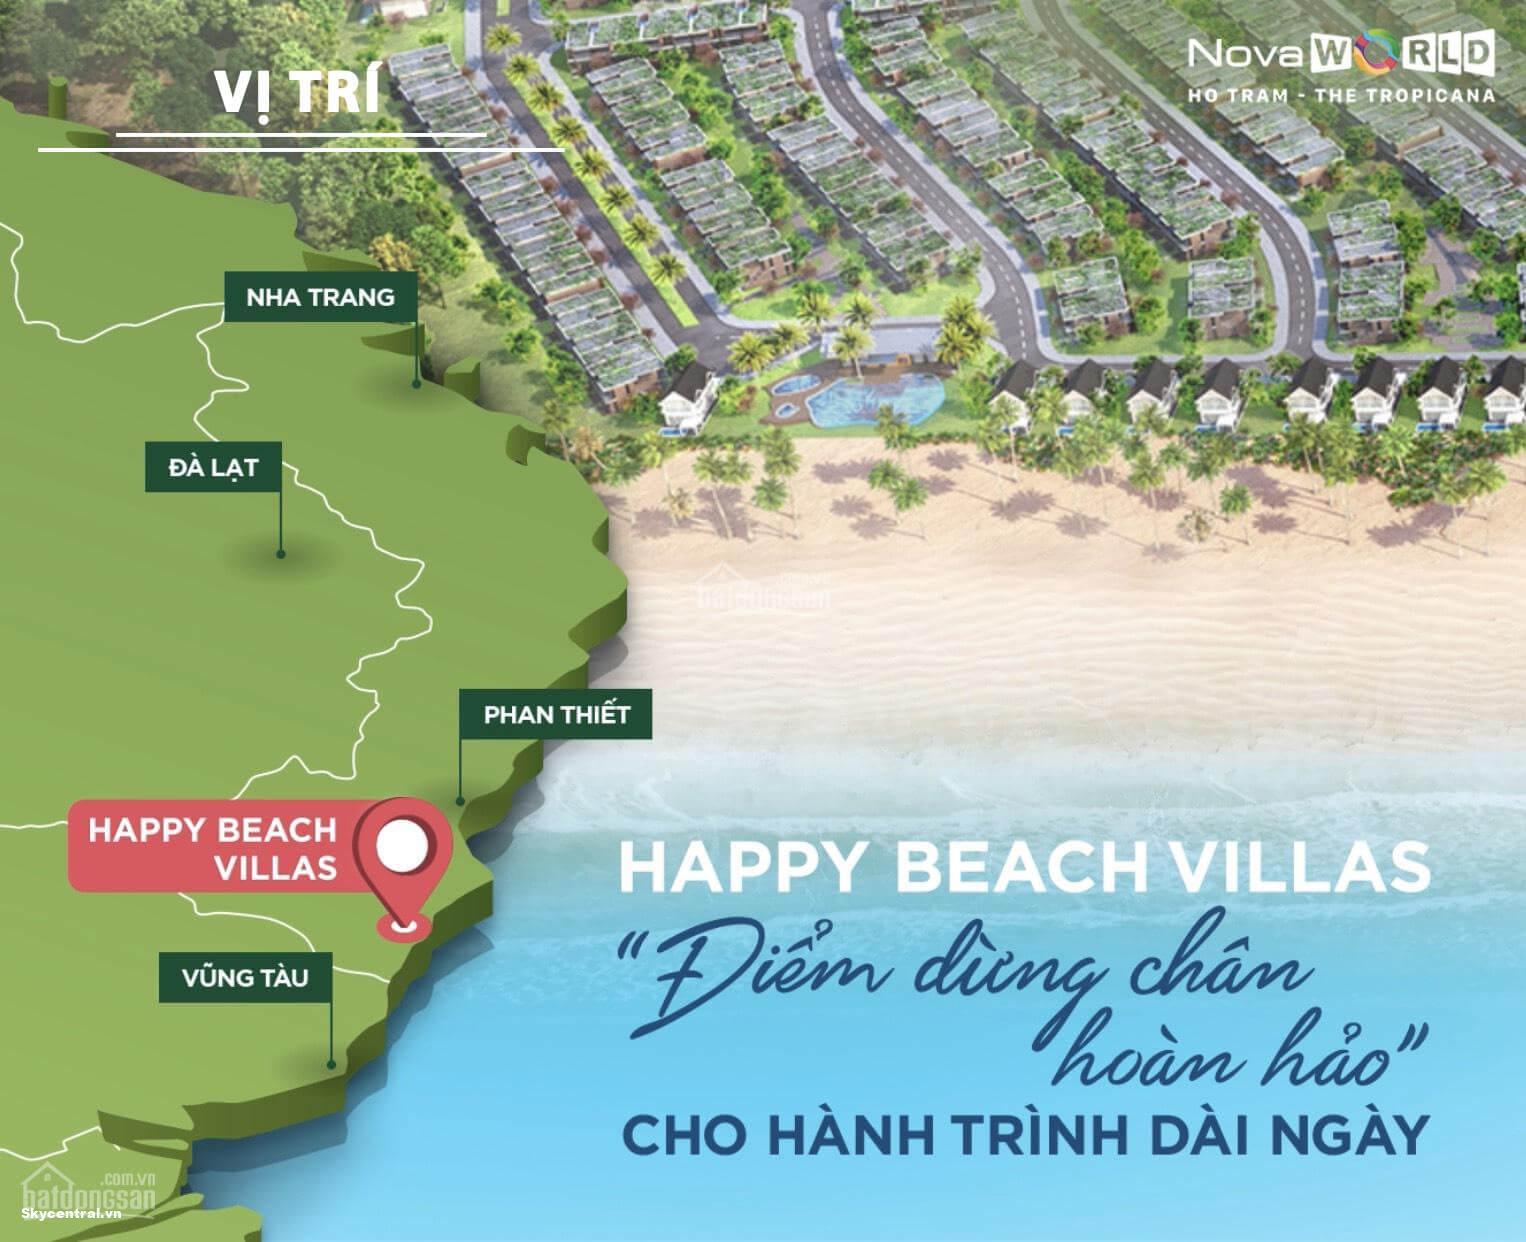 vị trí tiềm năng phân khu happy beach villas